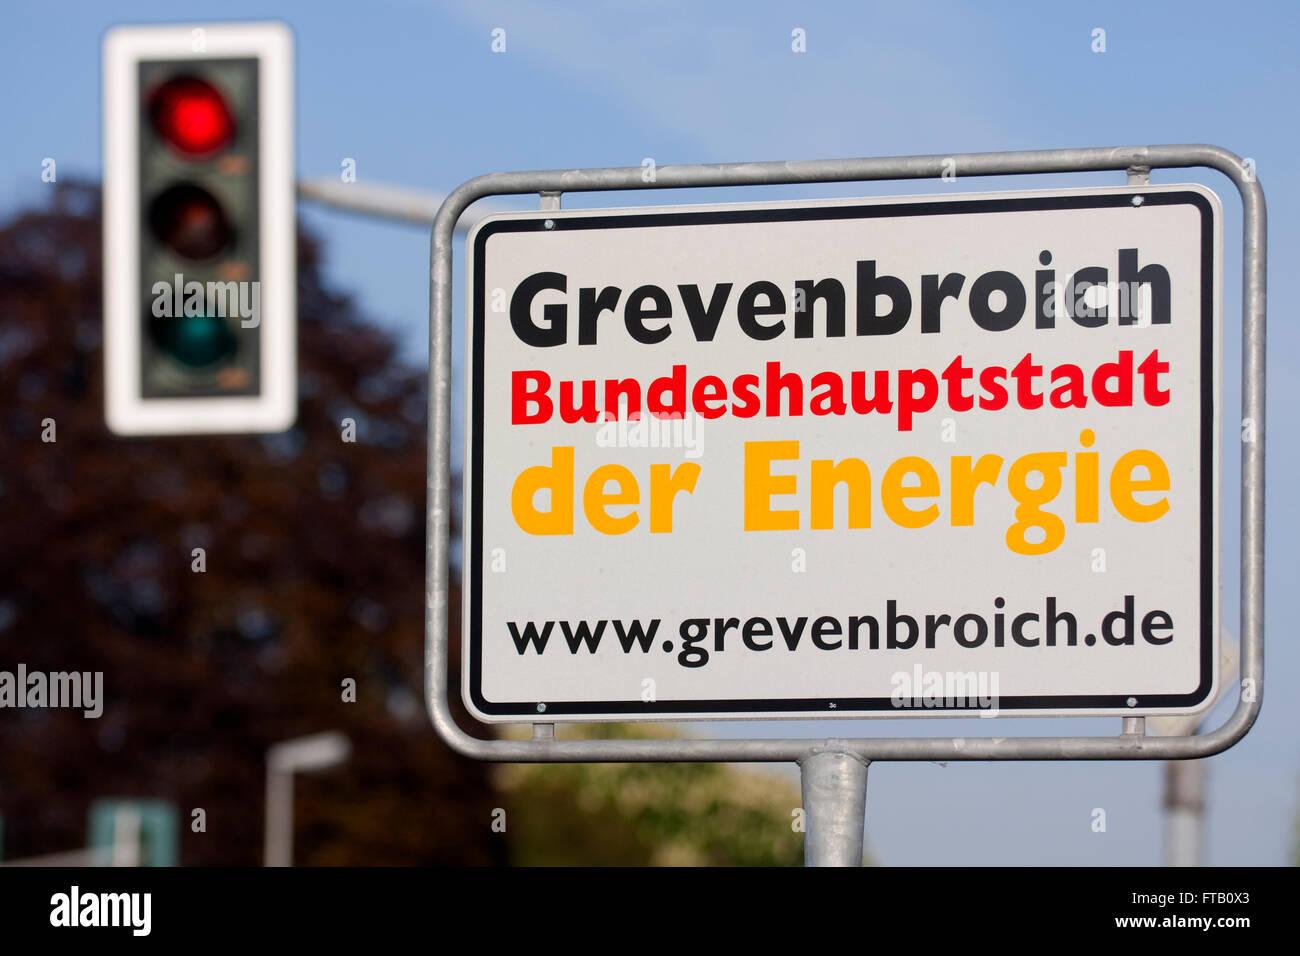 BRD, Deutschland, NRW, Rhein-Kreis Neuss, Grevenbroich, Stock Photo